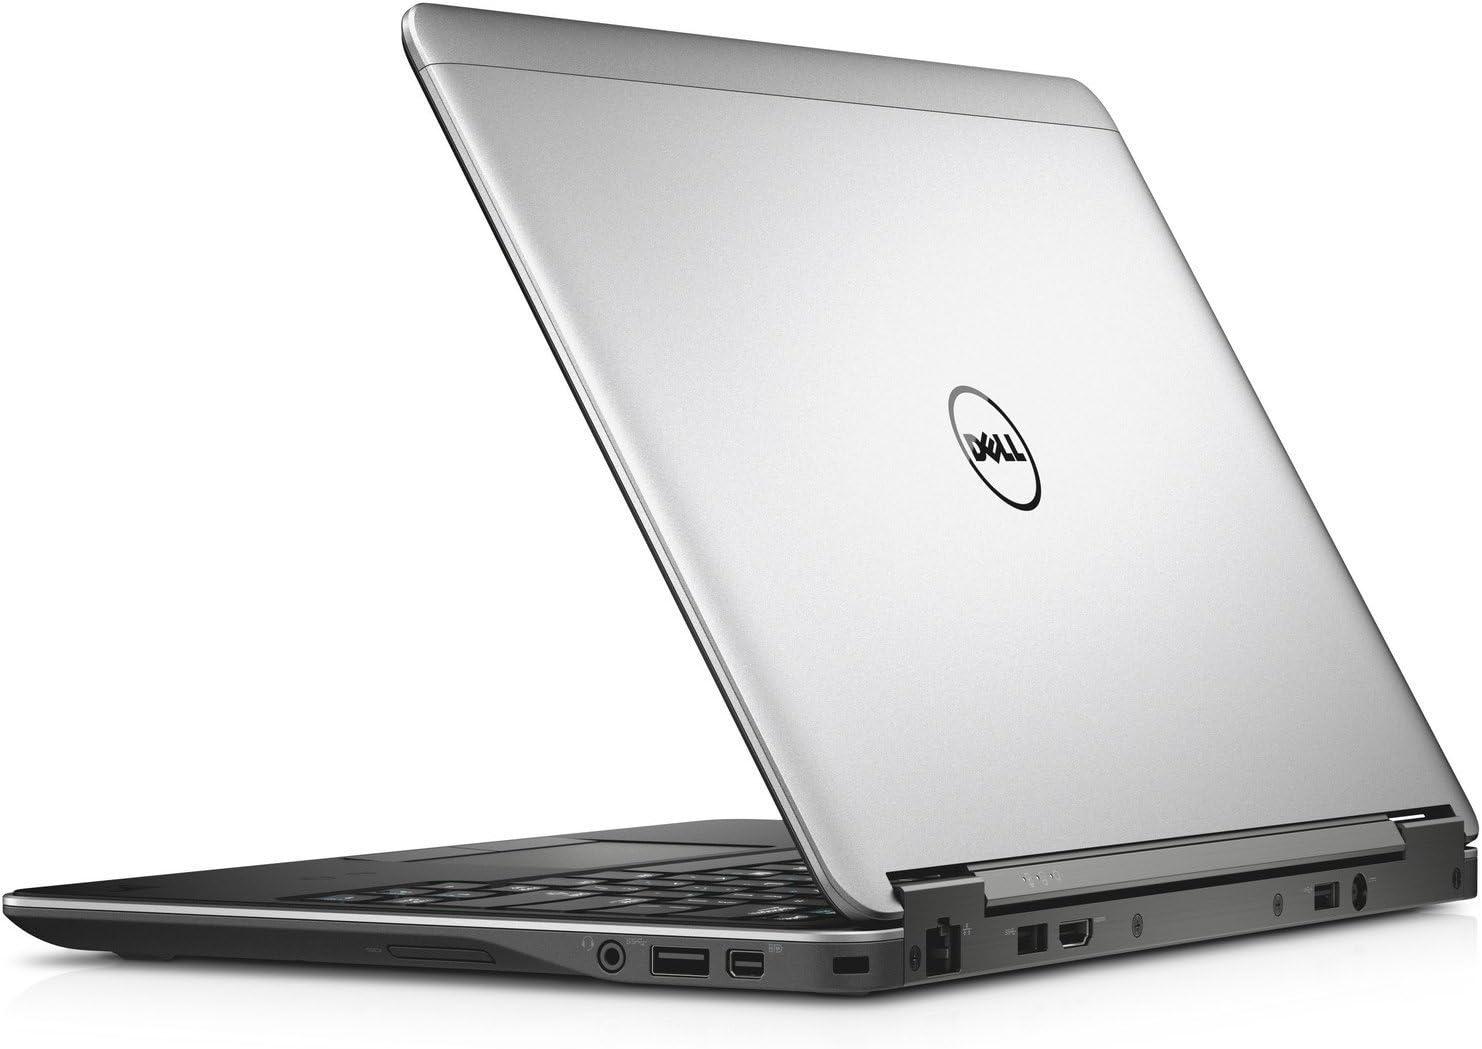 Dell - Latitude E7240 Ultrabook - Intel Dual-Core i5-4310U 2.00GHz - 8GB RAM - 128GB SSD - Webcam - Backlit Keyboard - Win 8 Pro 64-bit - 12.5-inch